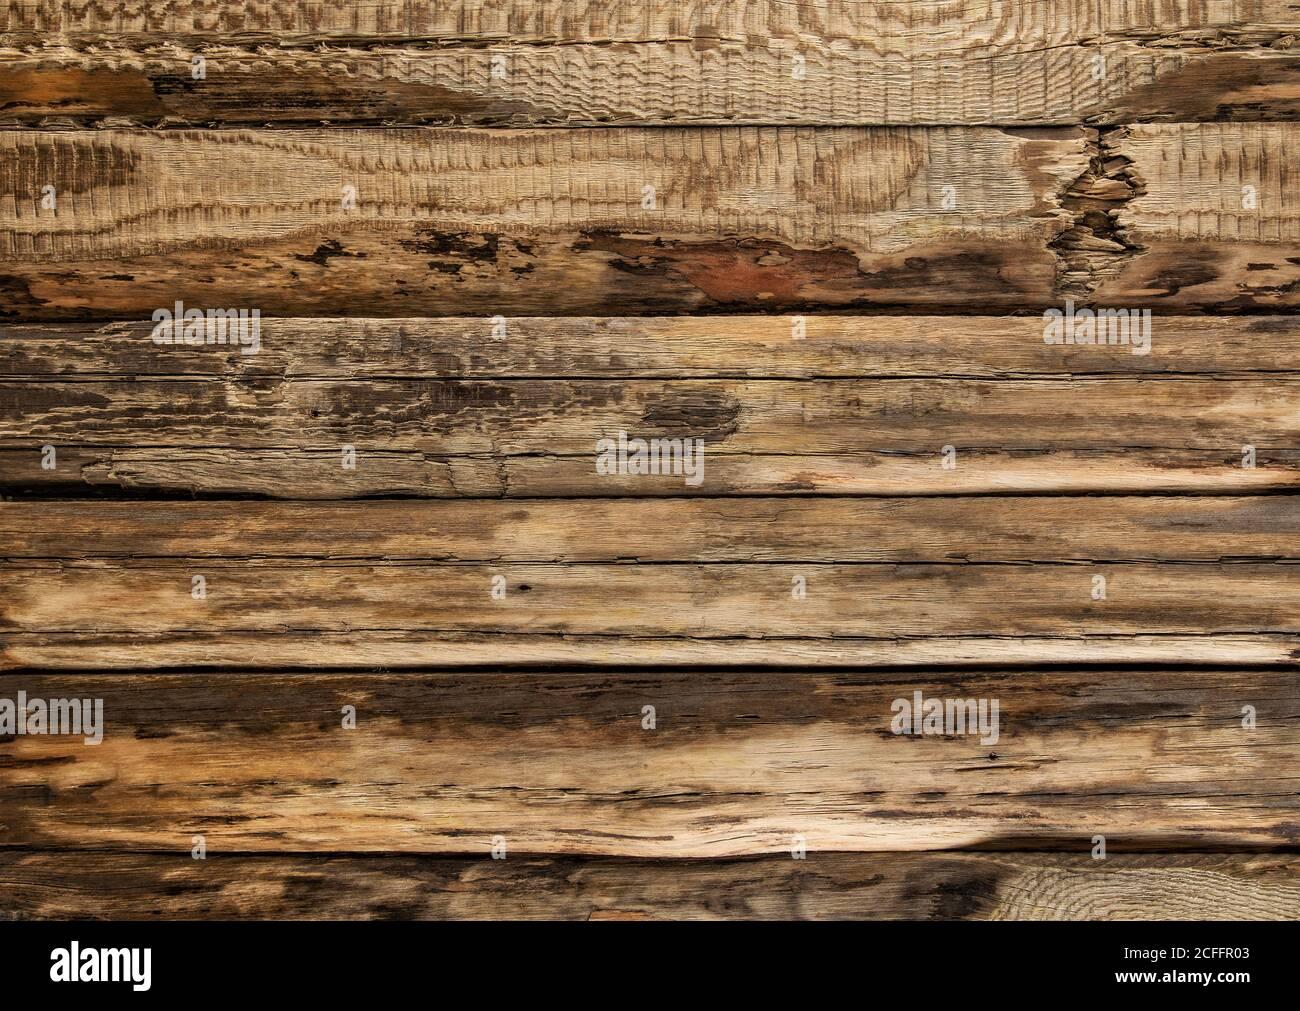 Texture du bois. Arrière-plan rustique en bois brun Banque D'Images